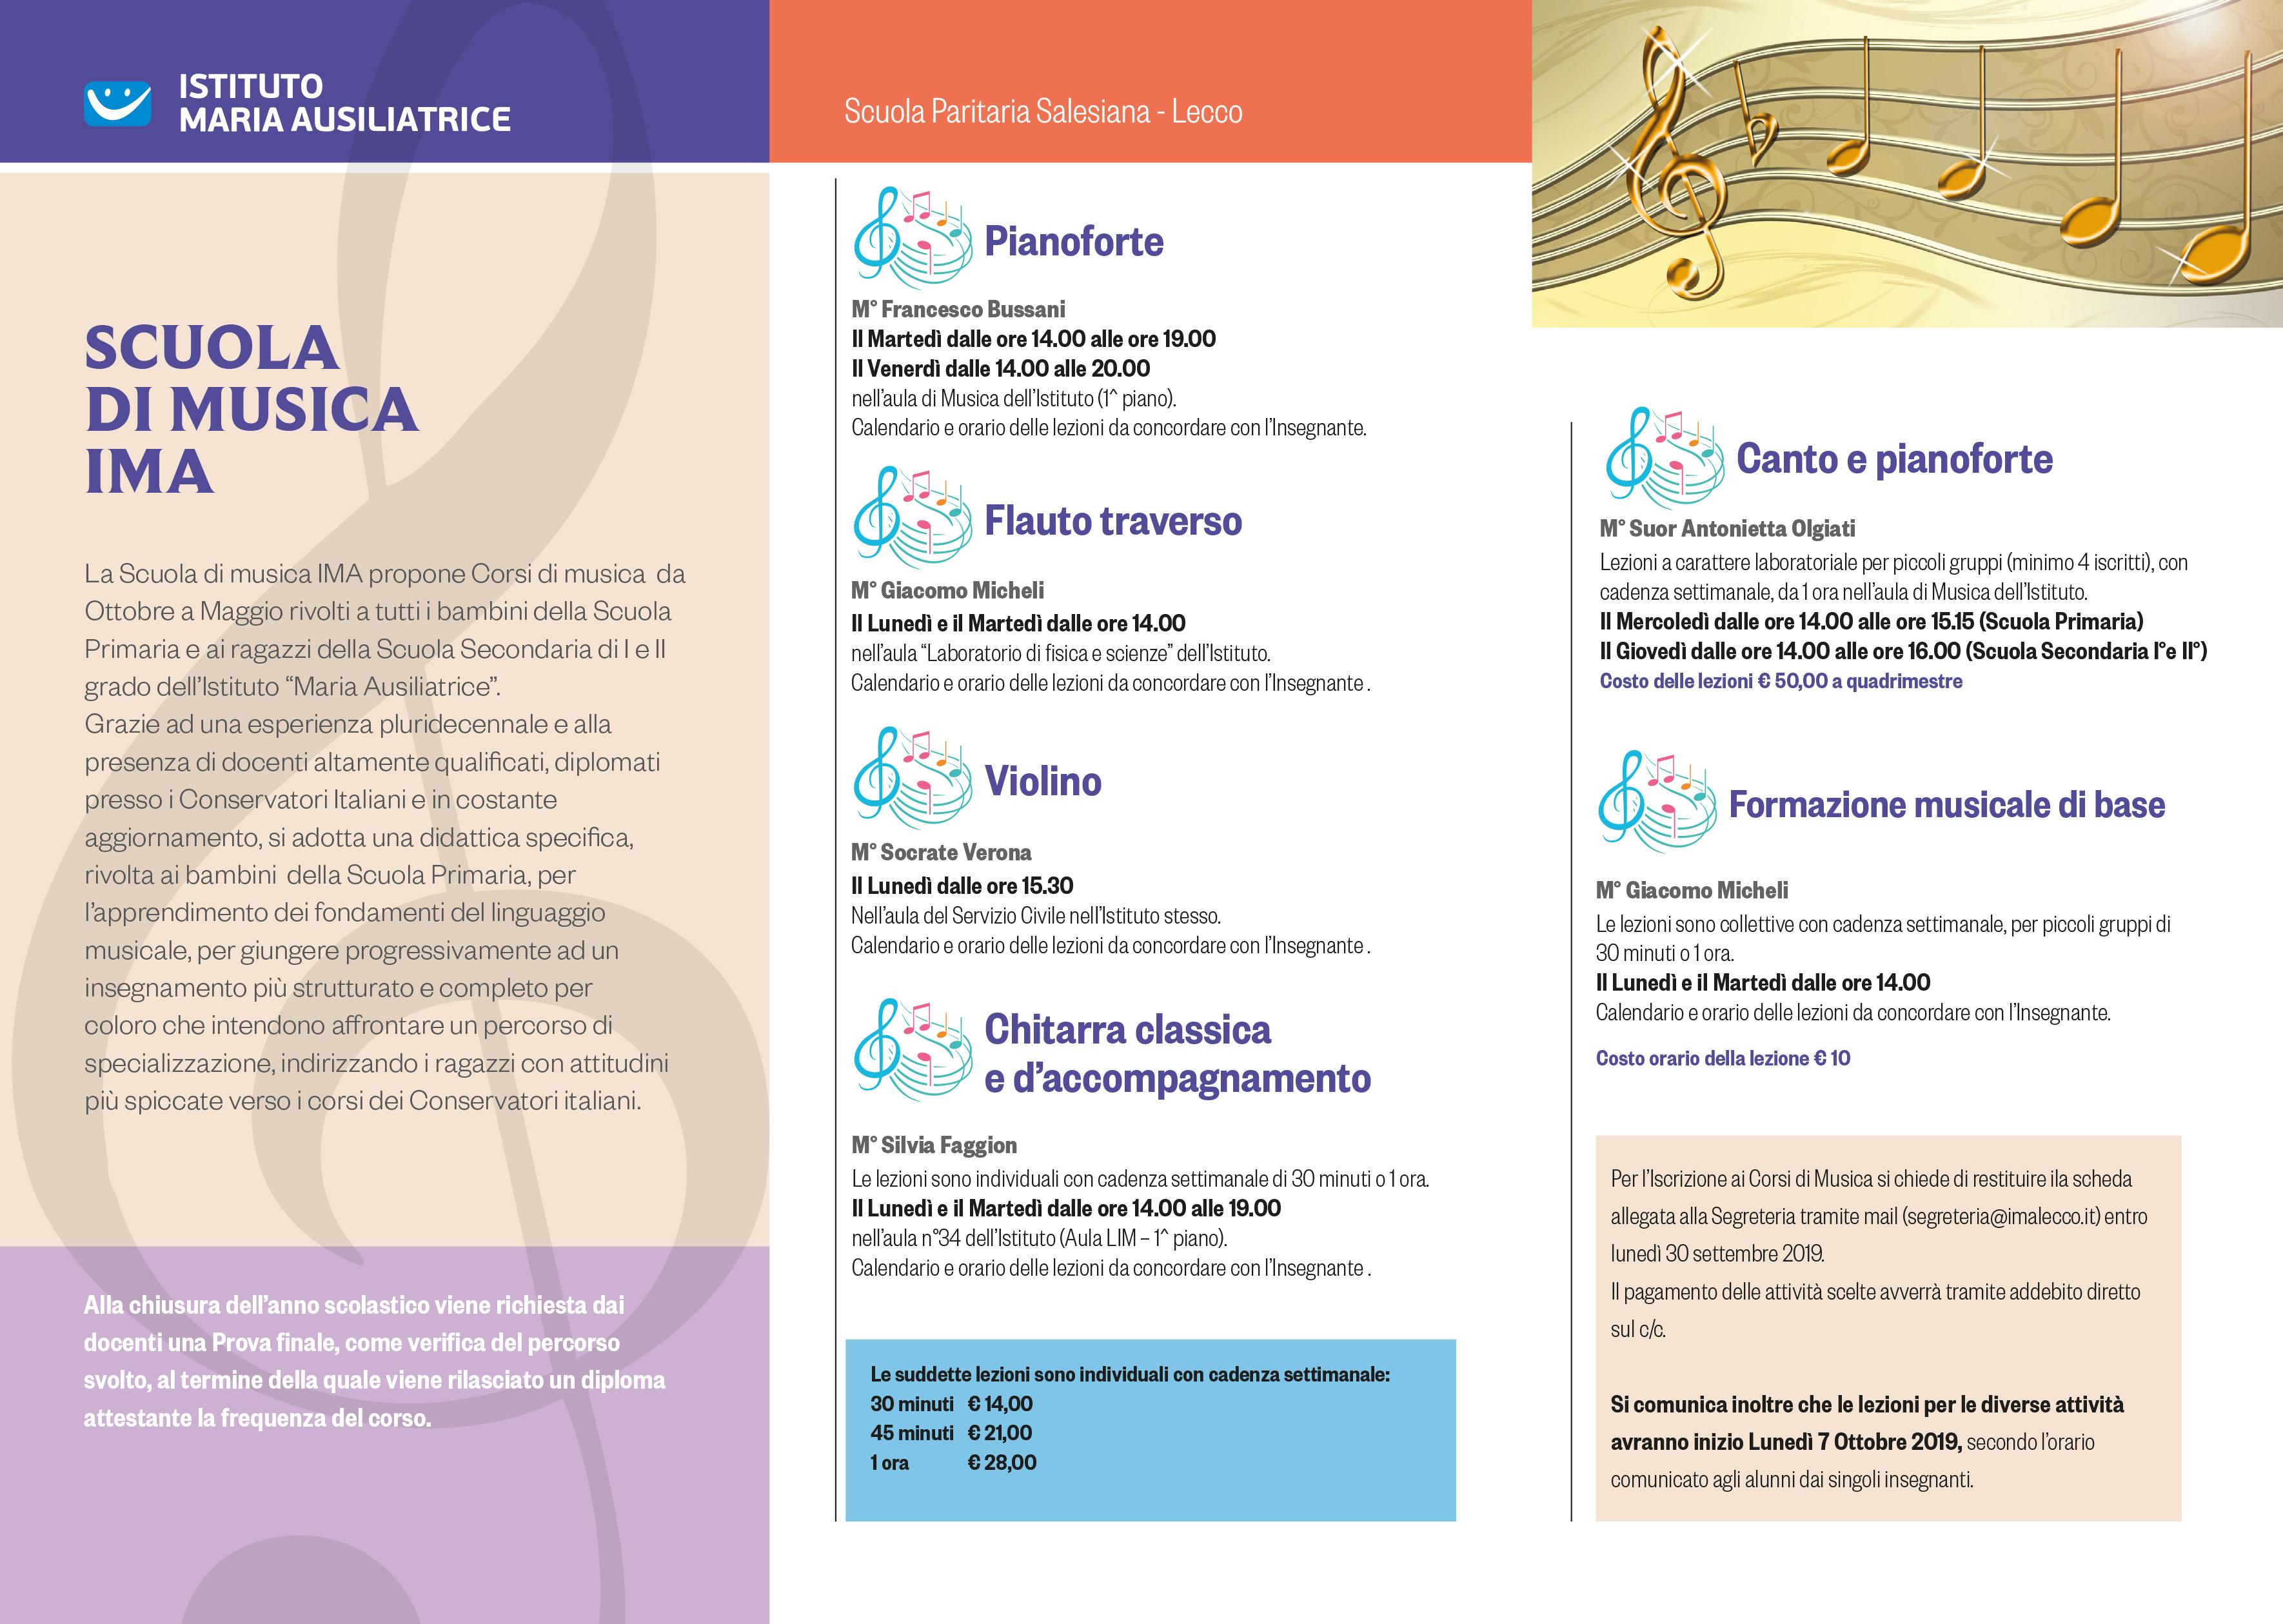 IMA-scuola-musica-2019-2020-2